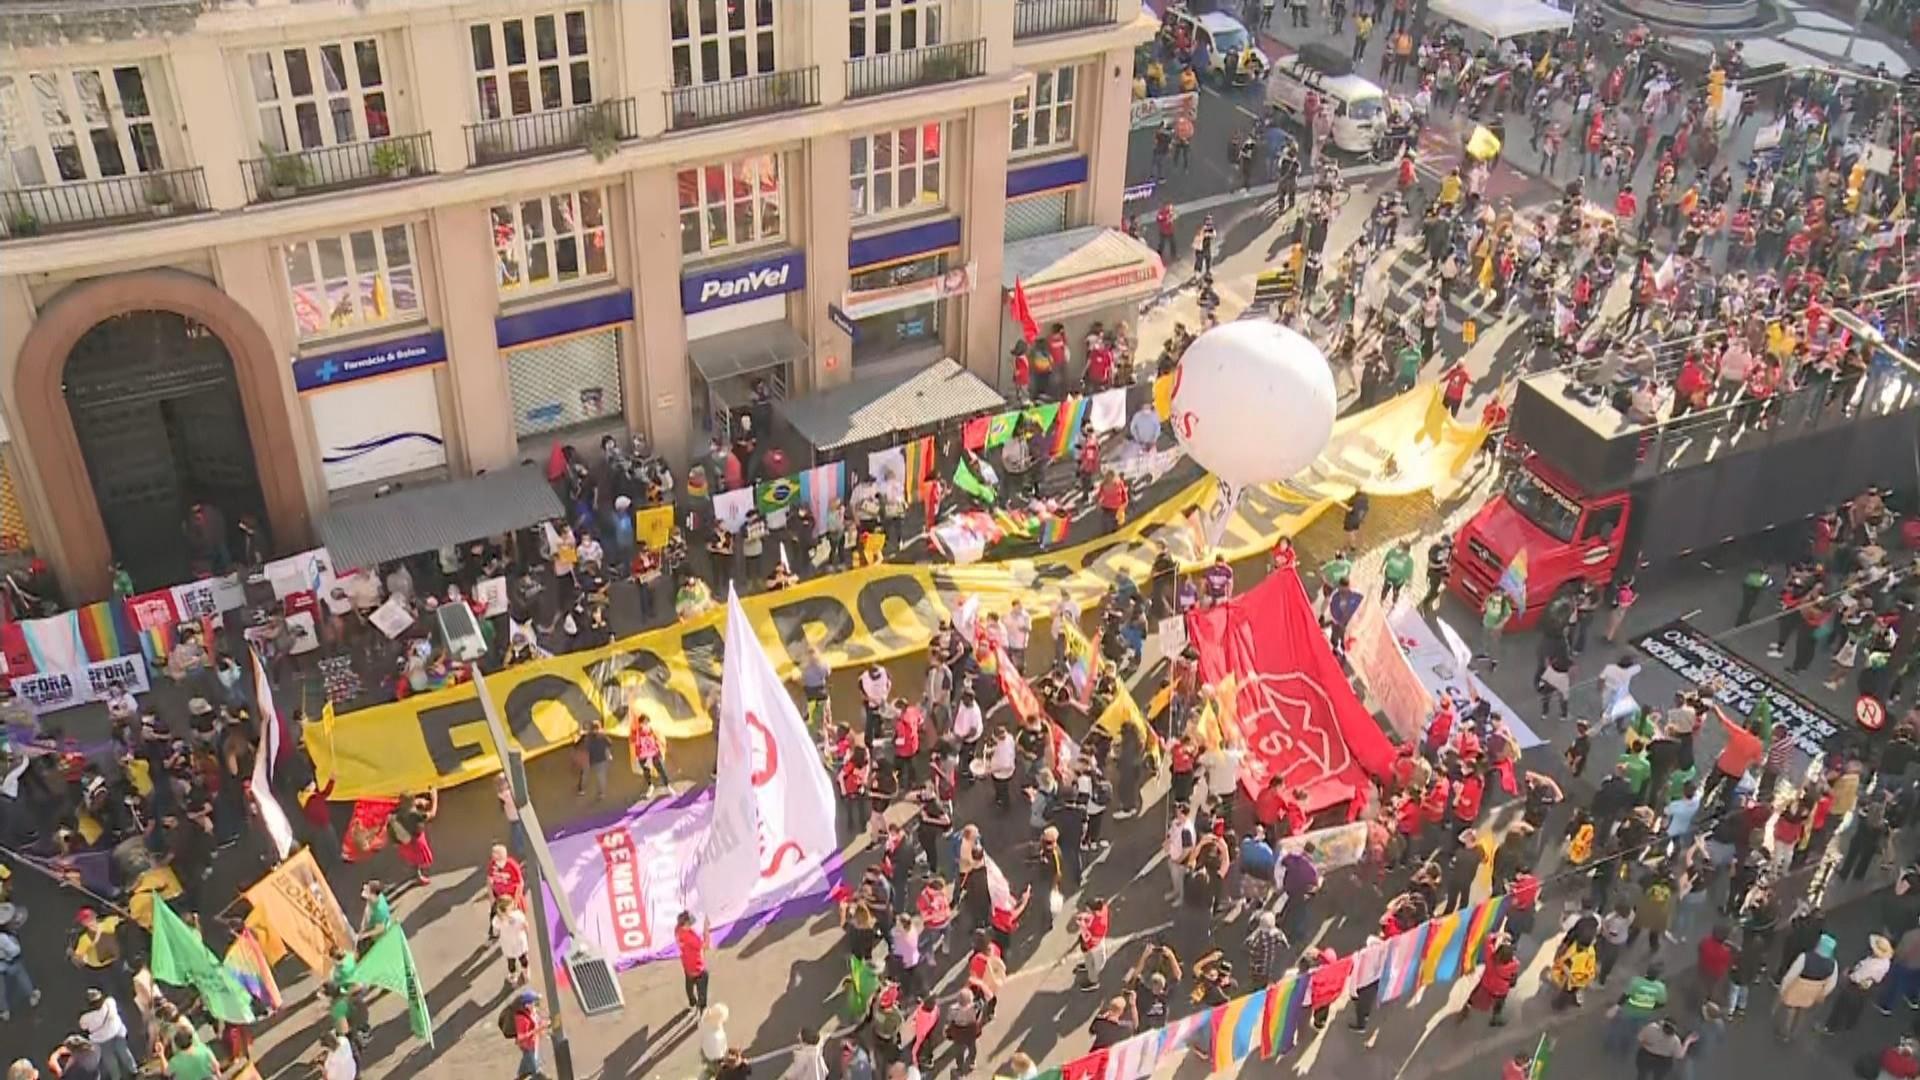 Cidades do RS têm protestos contra Bolsonaro neste sábado; veja fotos